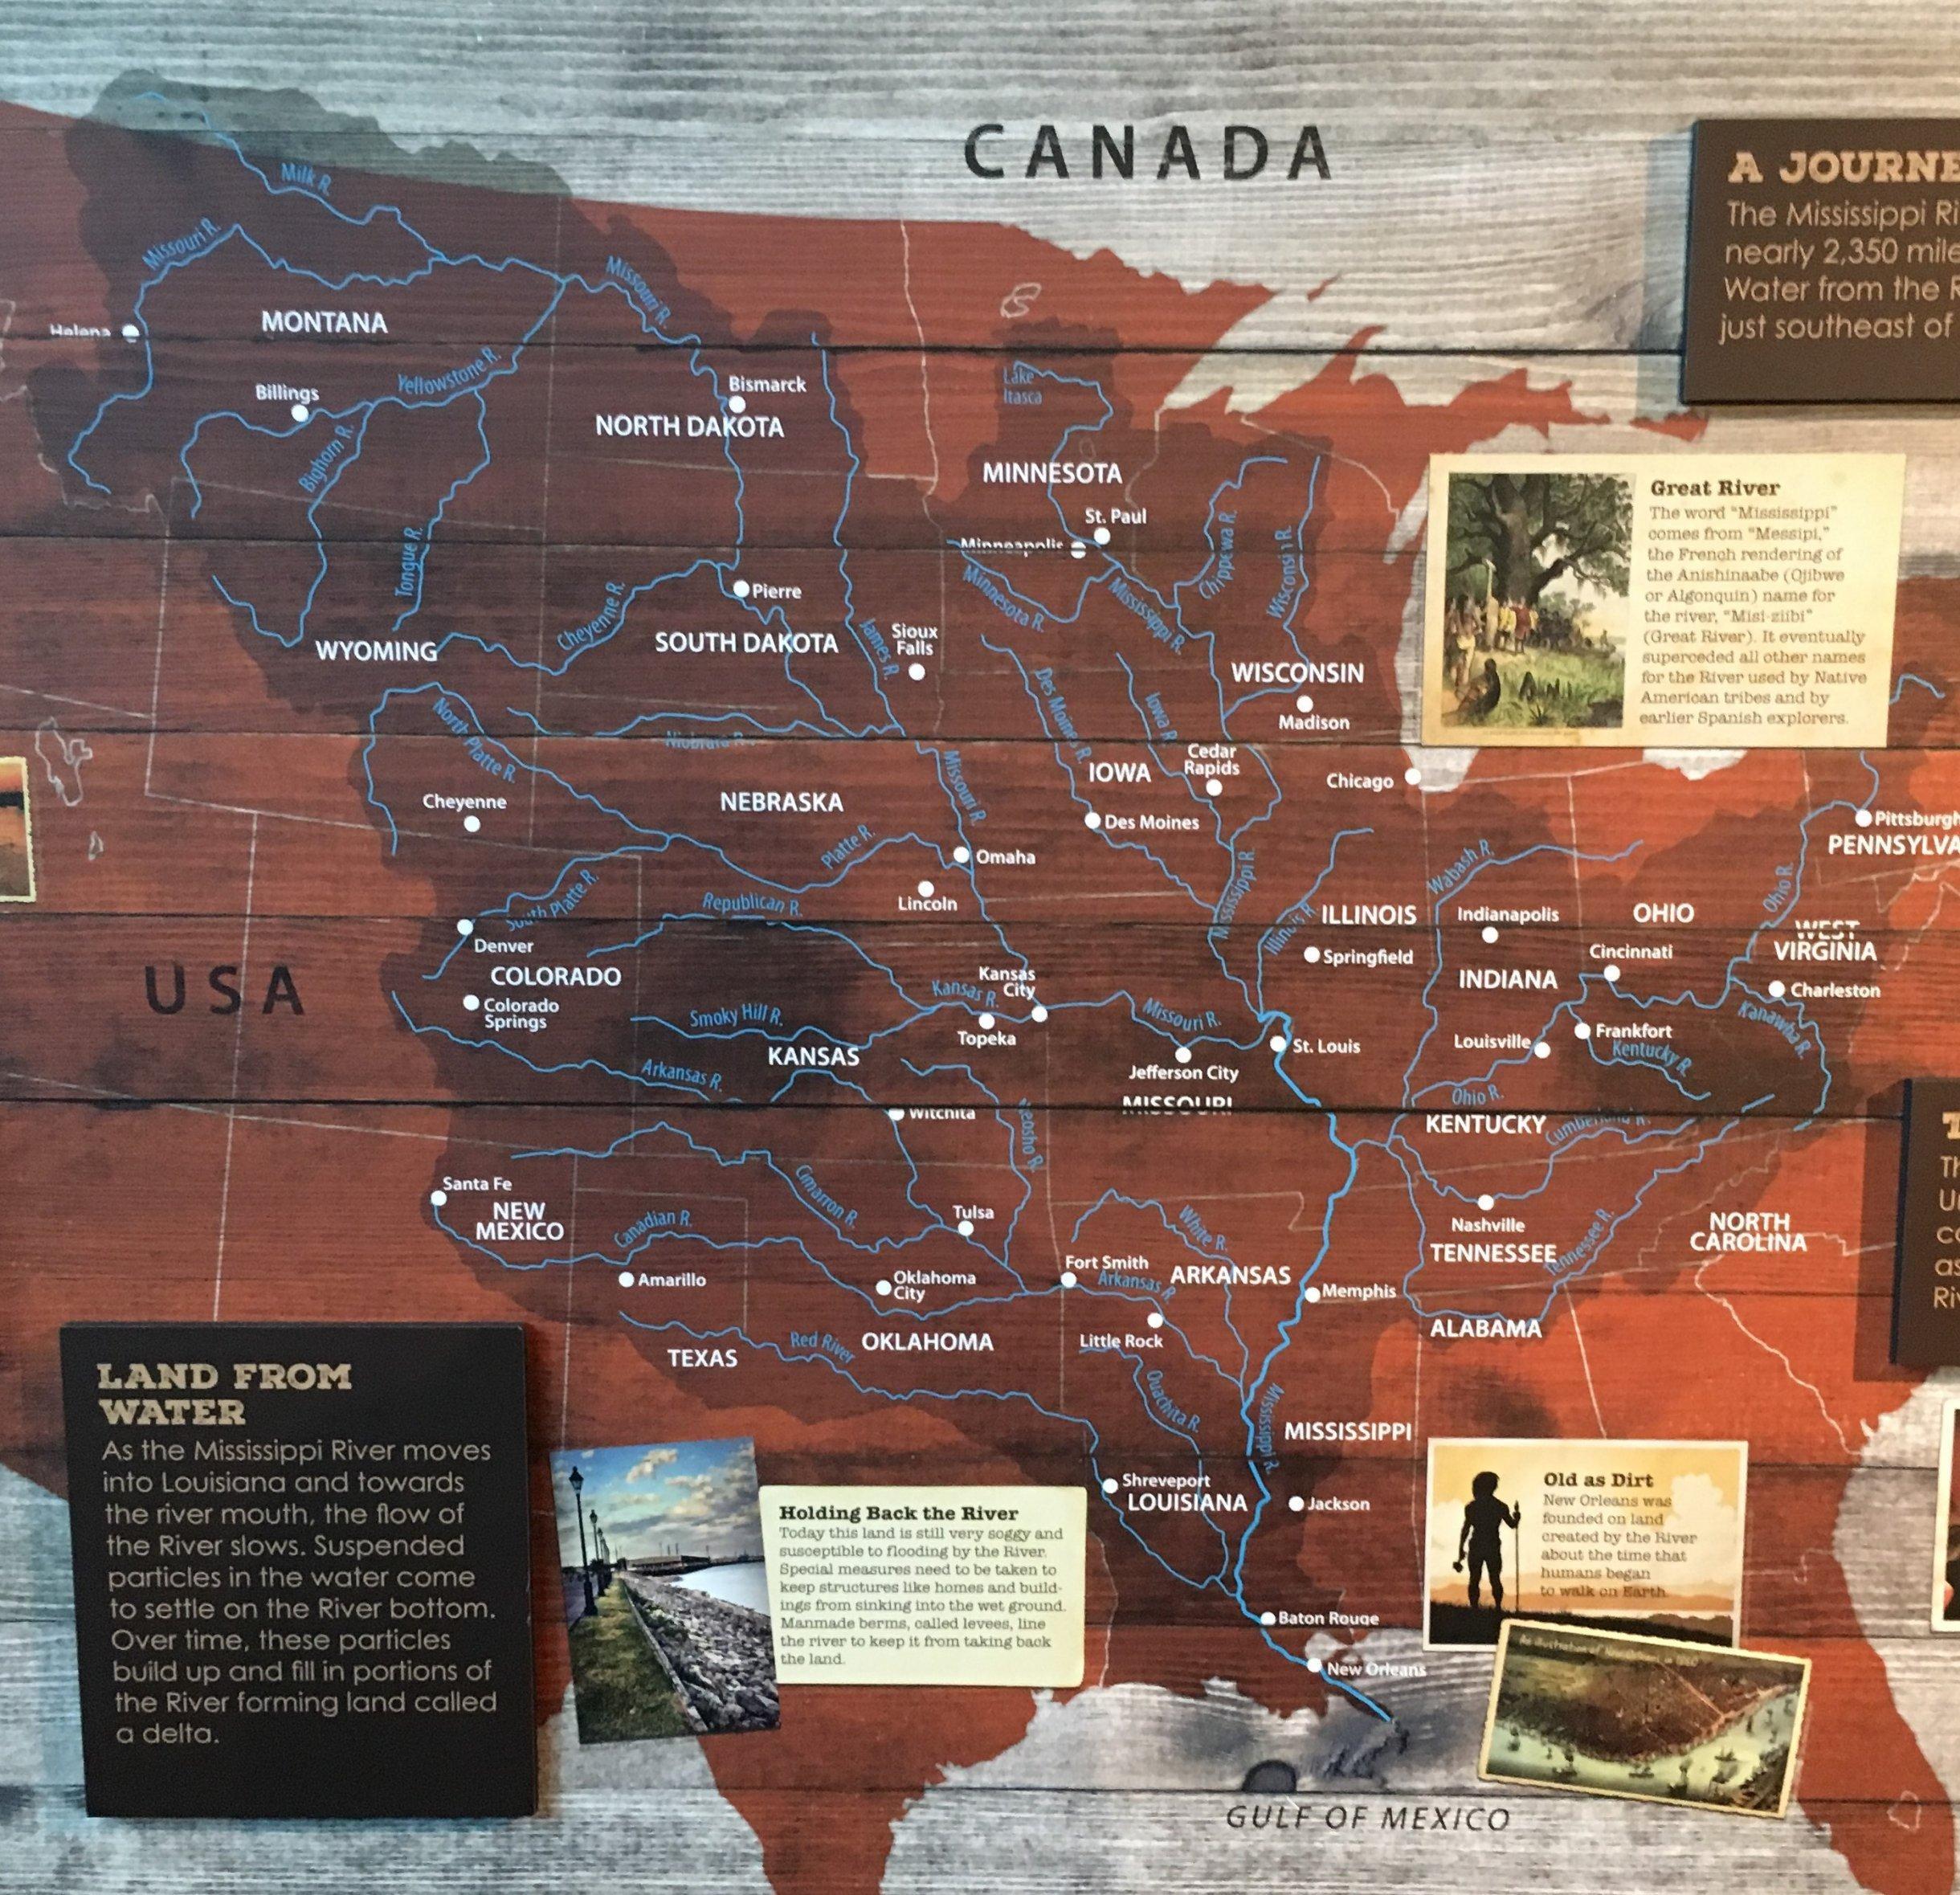 Mächtig, verzweigt und weitläufig, das Gewässernetz in den USA